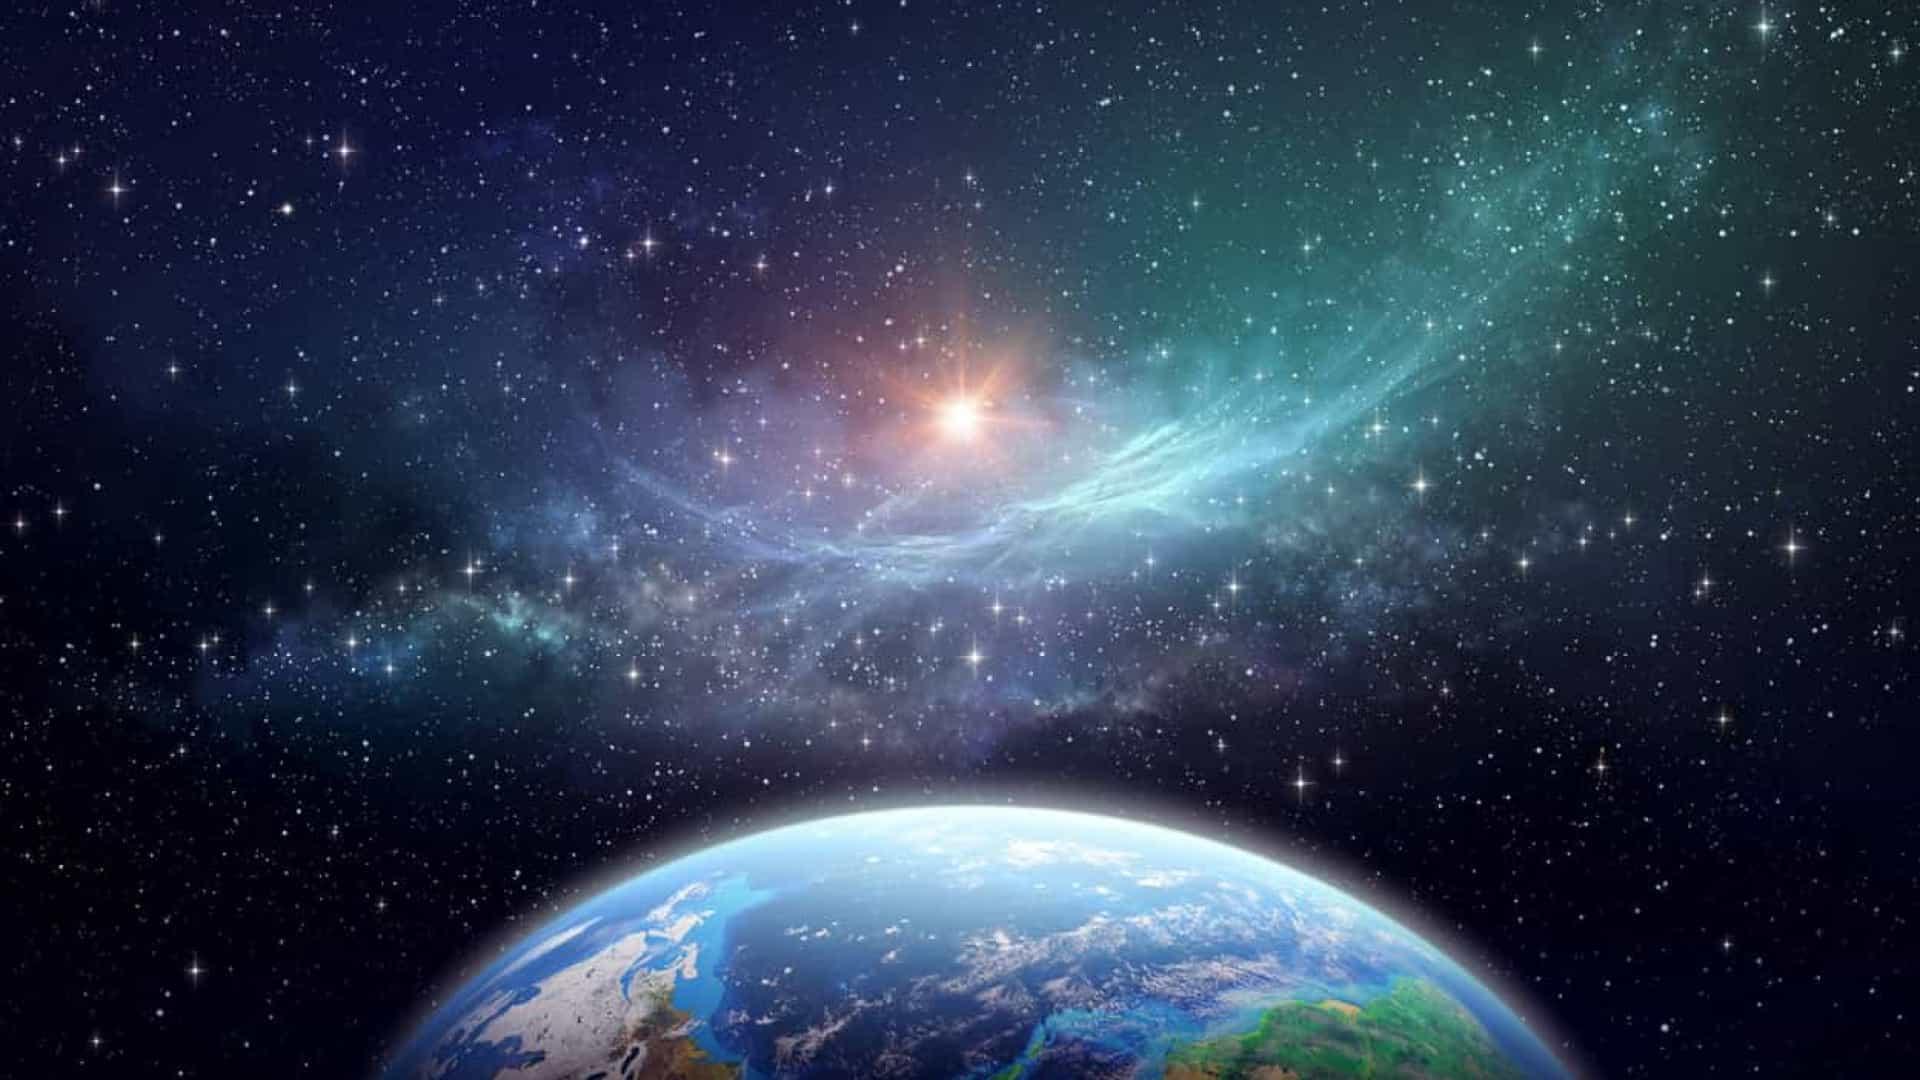 naom 5df946eeae834 - Astronauta britânica diz que existem extraterrestres